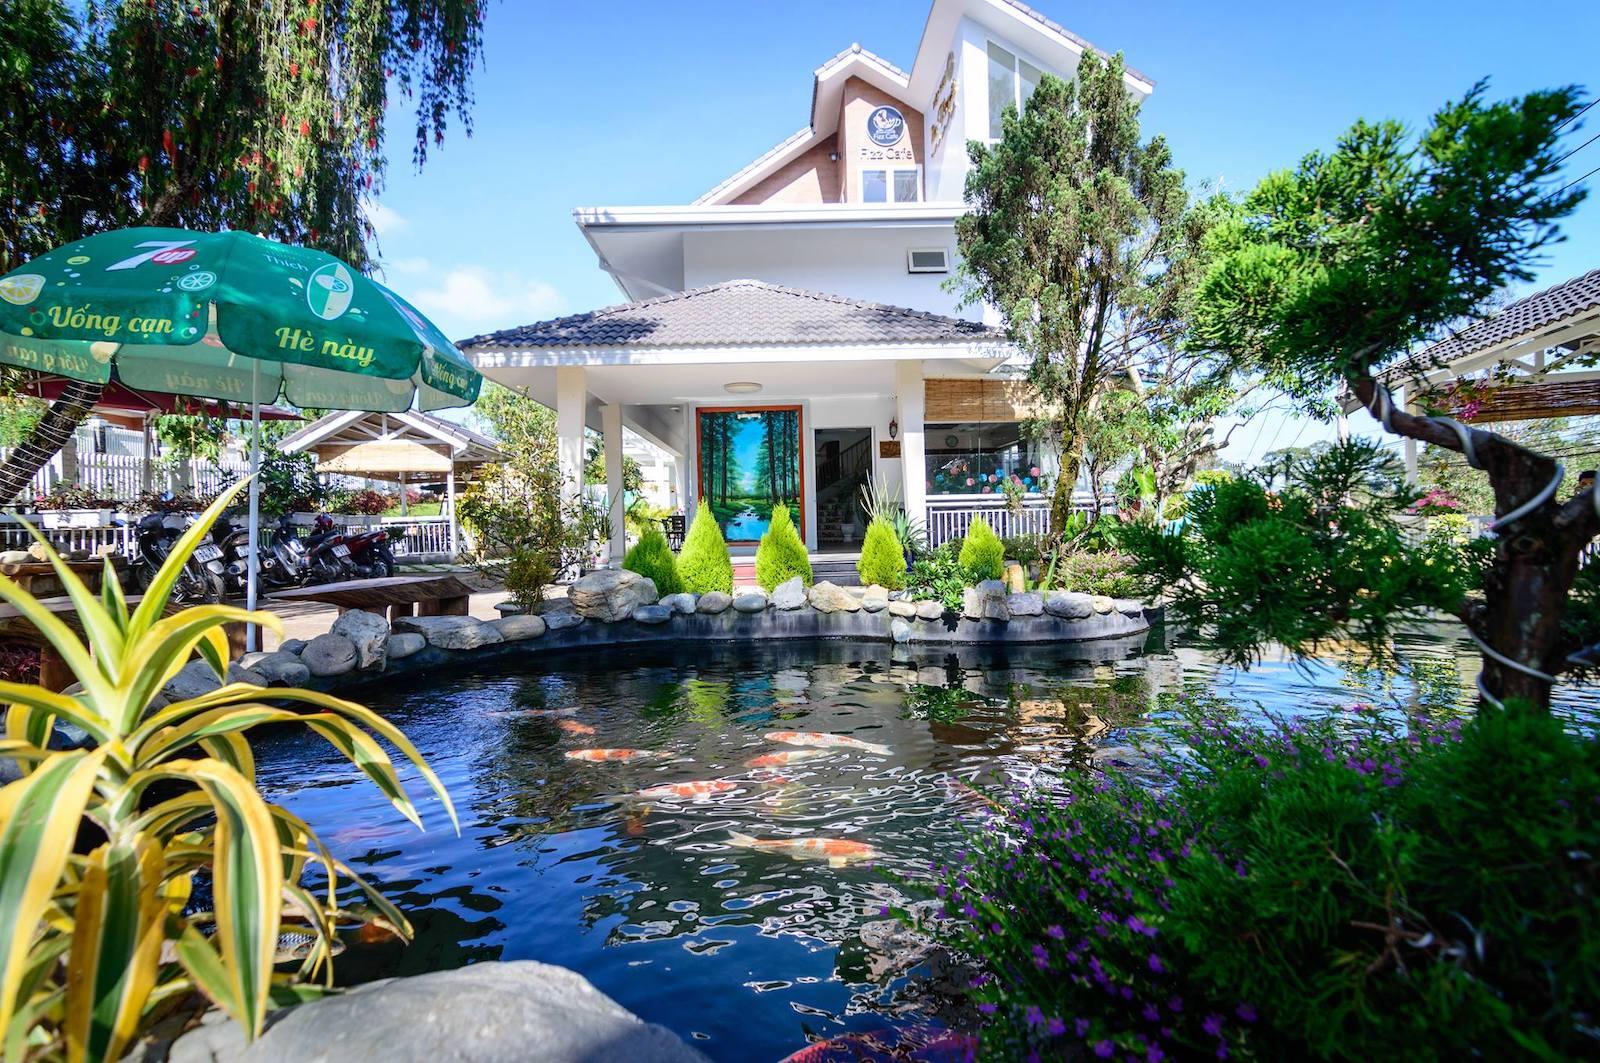 Image of the Robins Villa Koi Pond in Da Lat